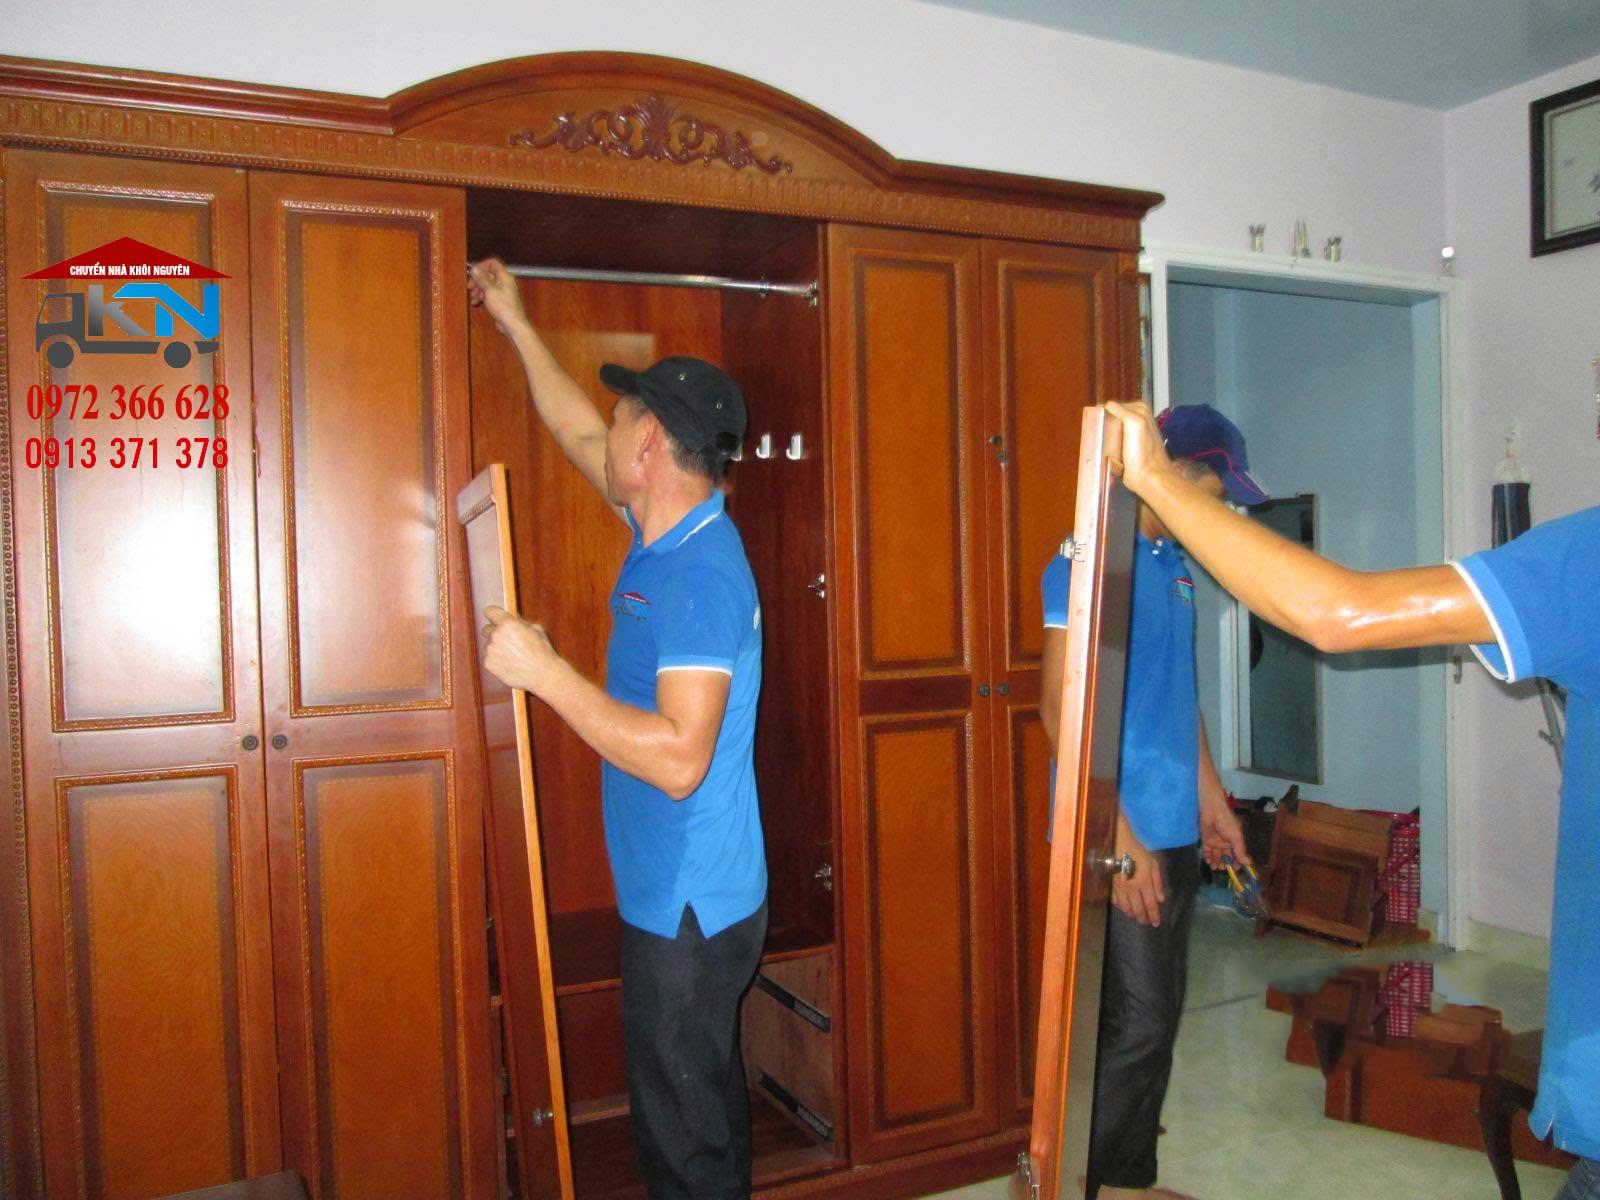 Thợ mộc sửa chữa đồ gỗ tại nhà